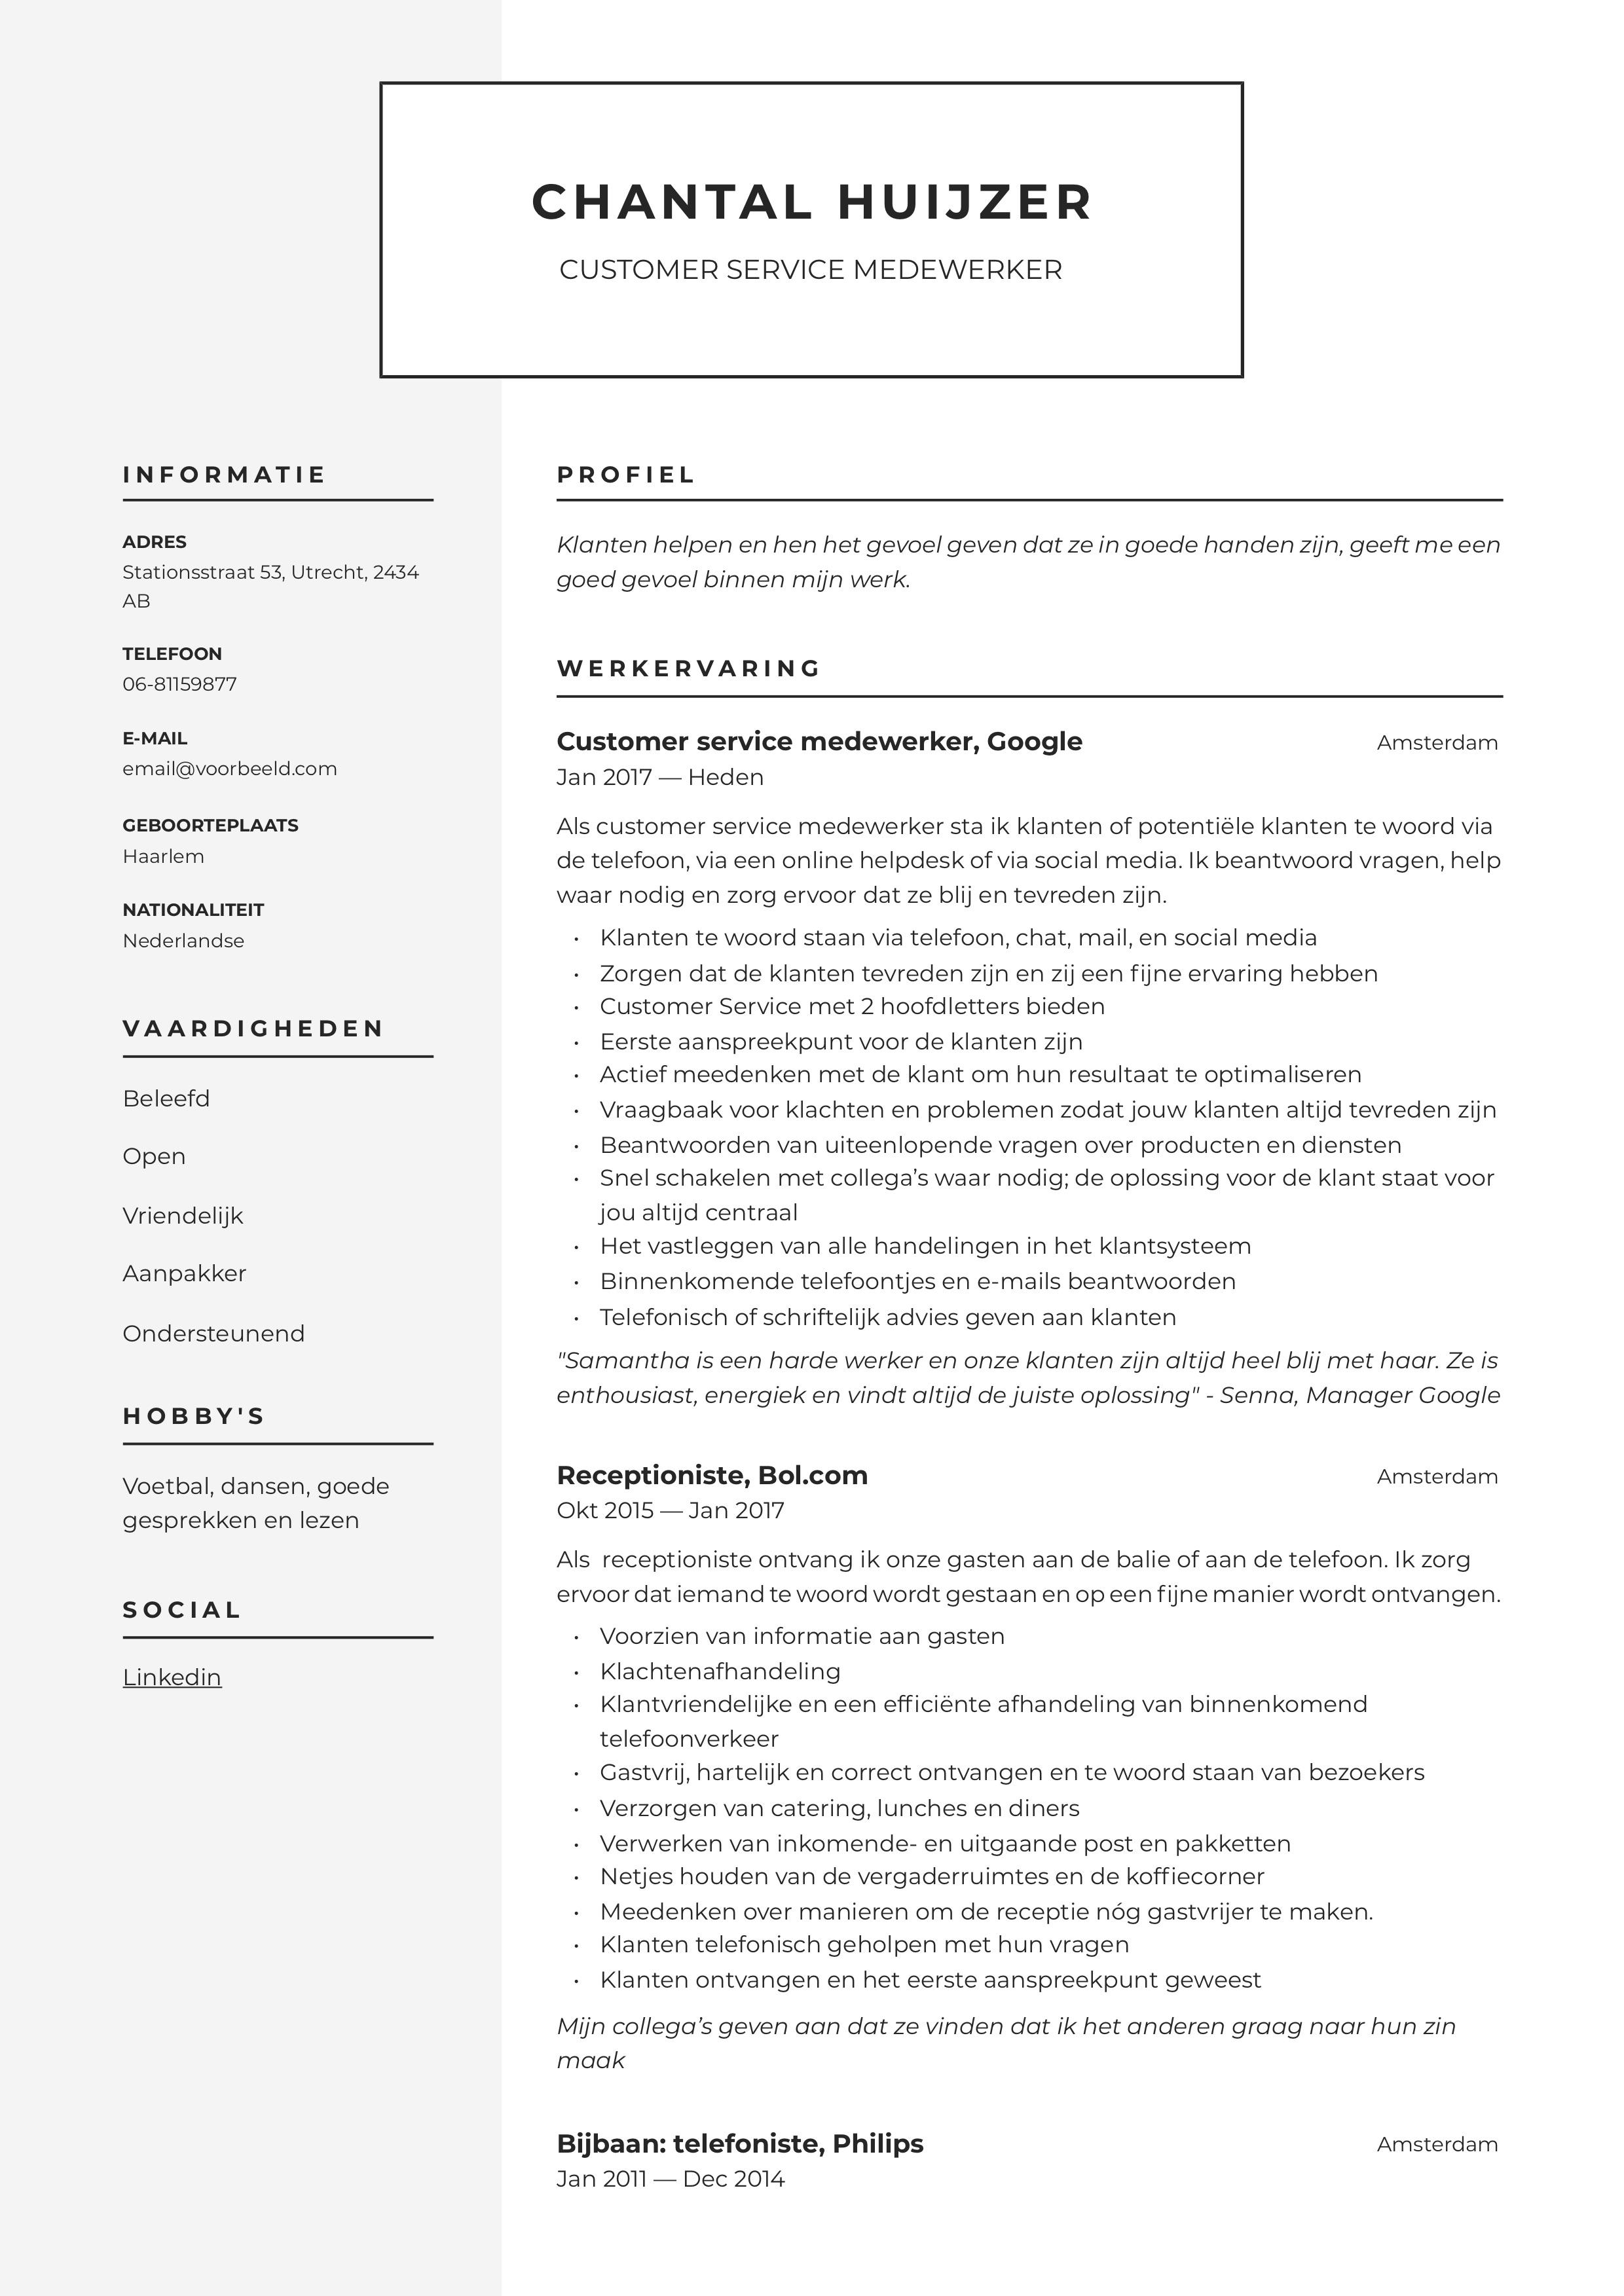 CV Customer service medewerker